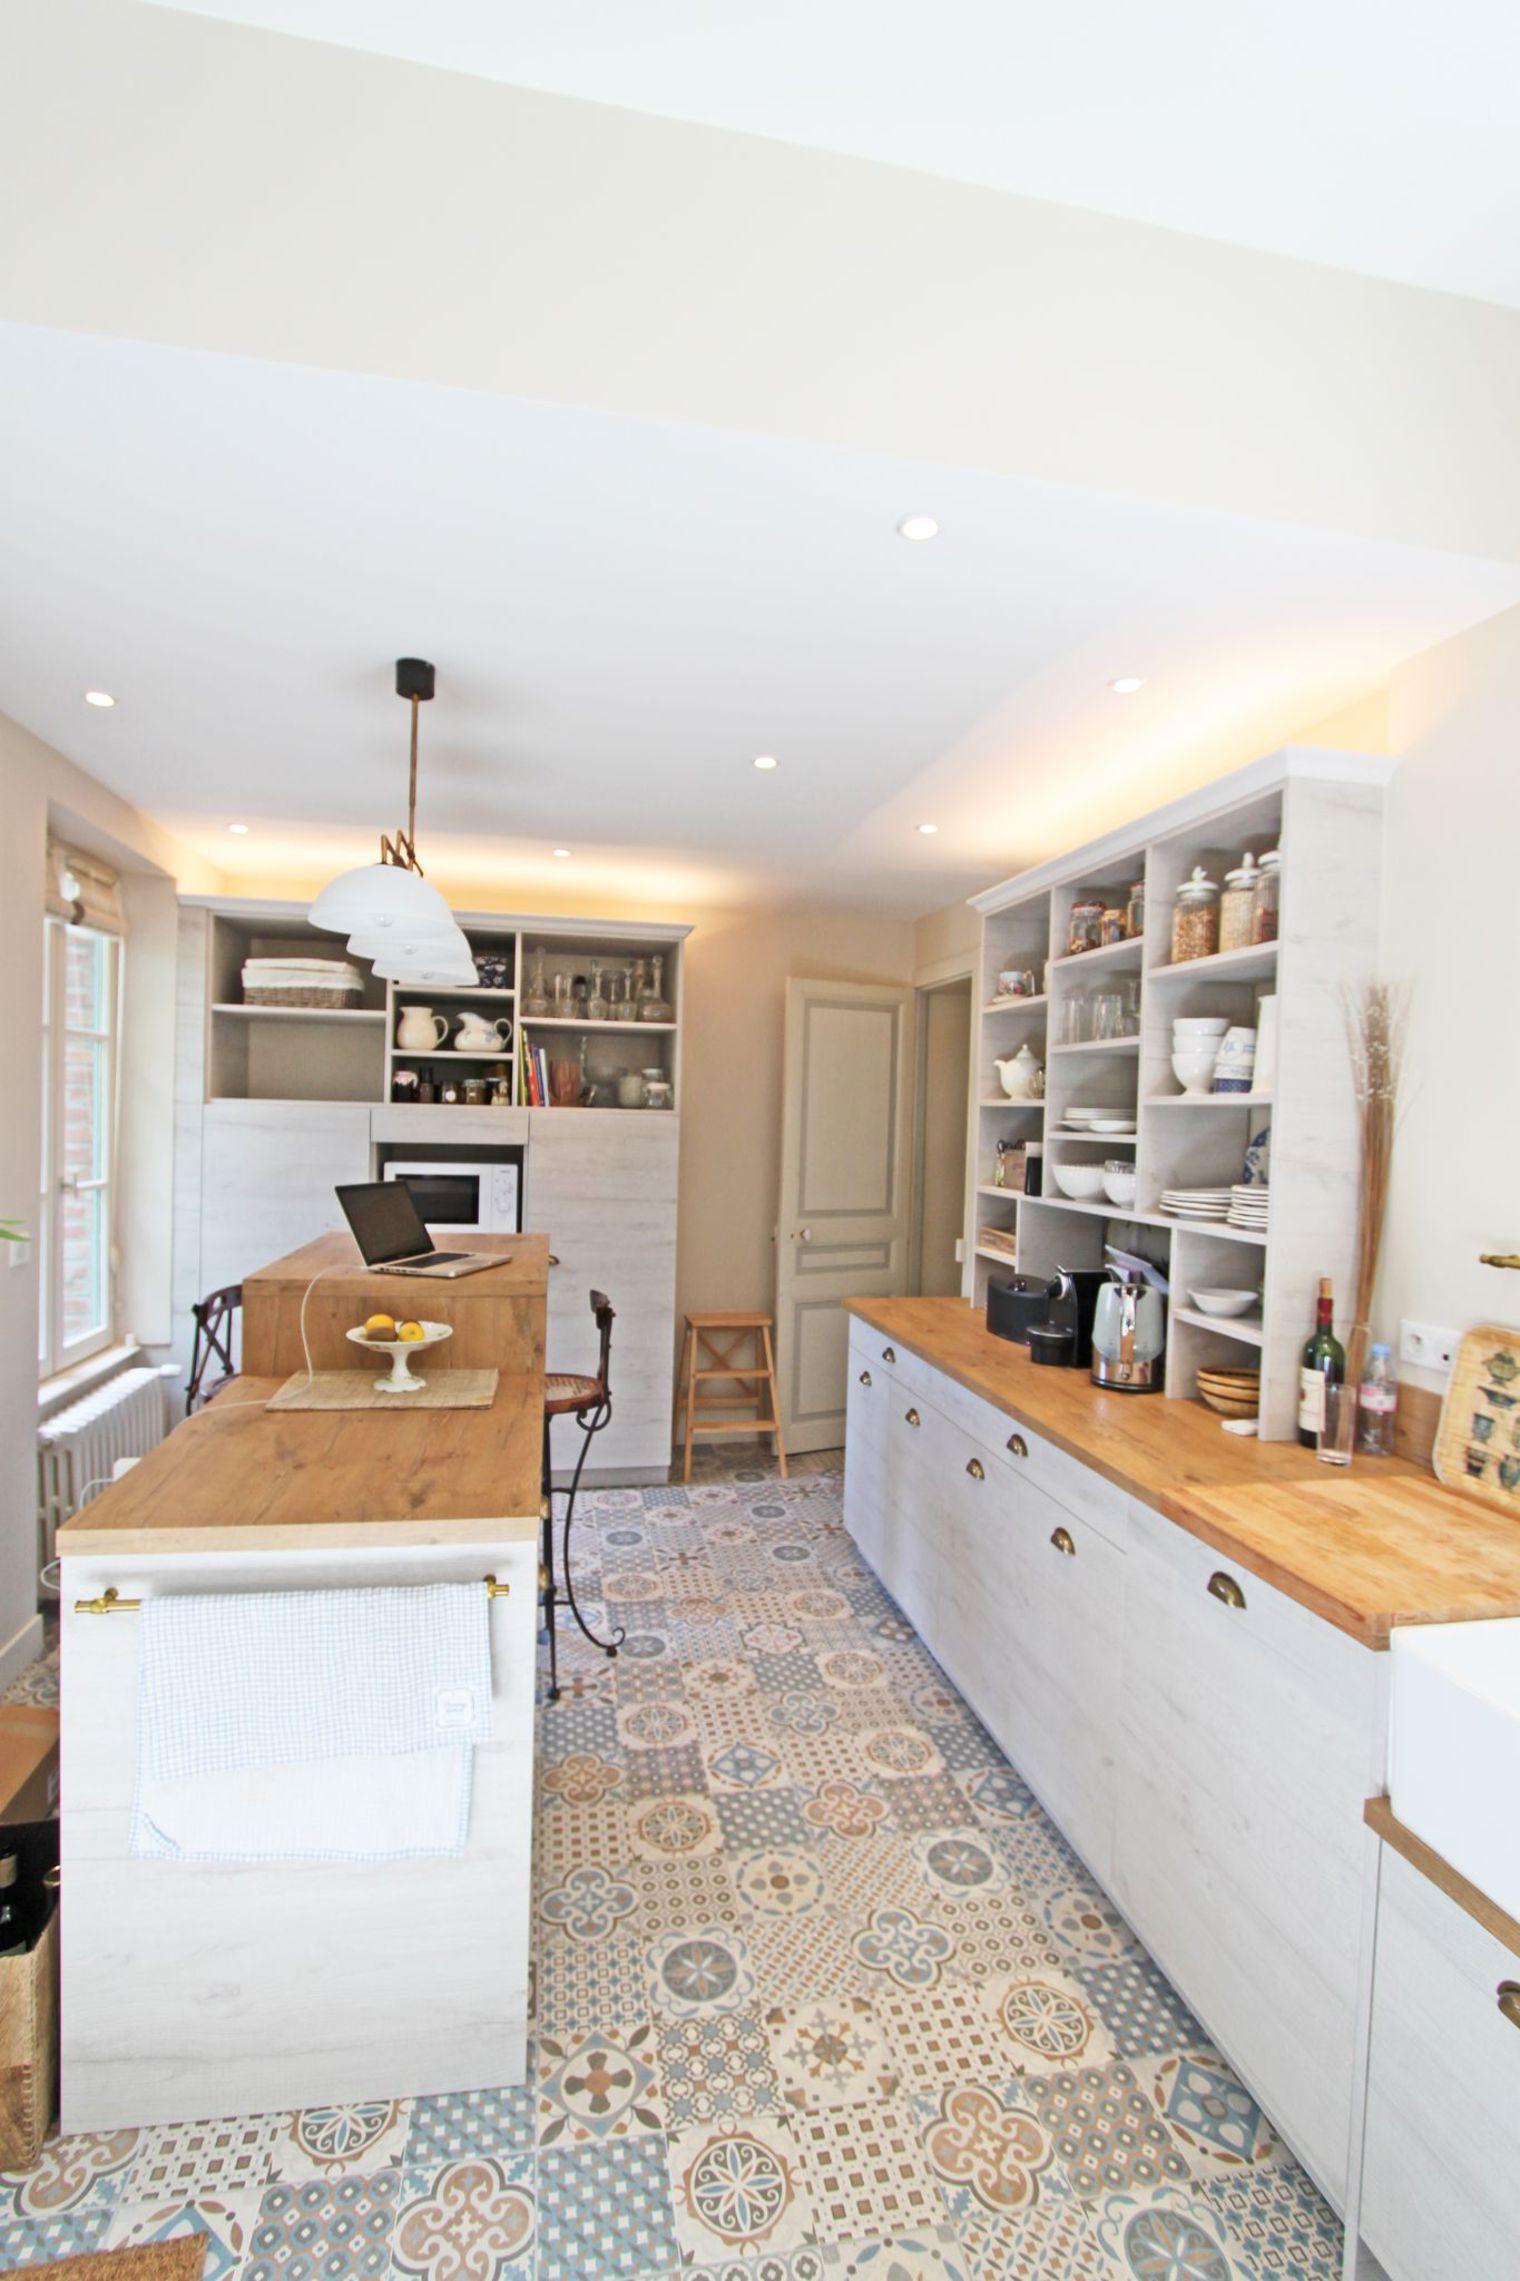 Cuisine campagne chic de 17 m2 r alis e par une archi d for Photo de cuisine campagnarde